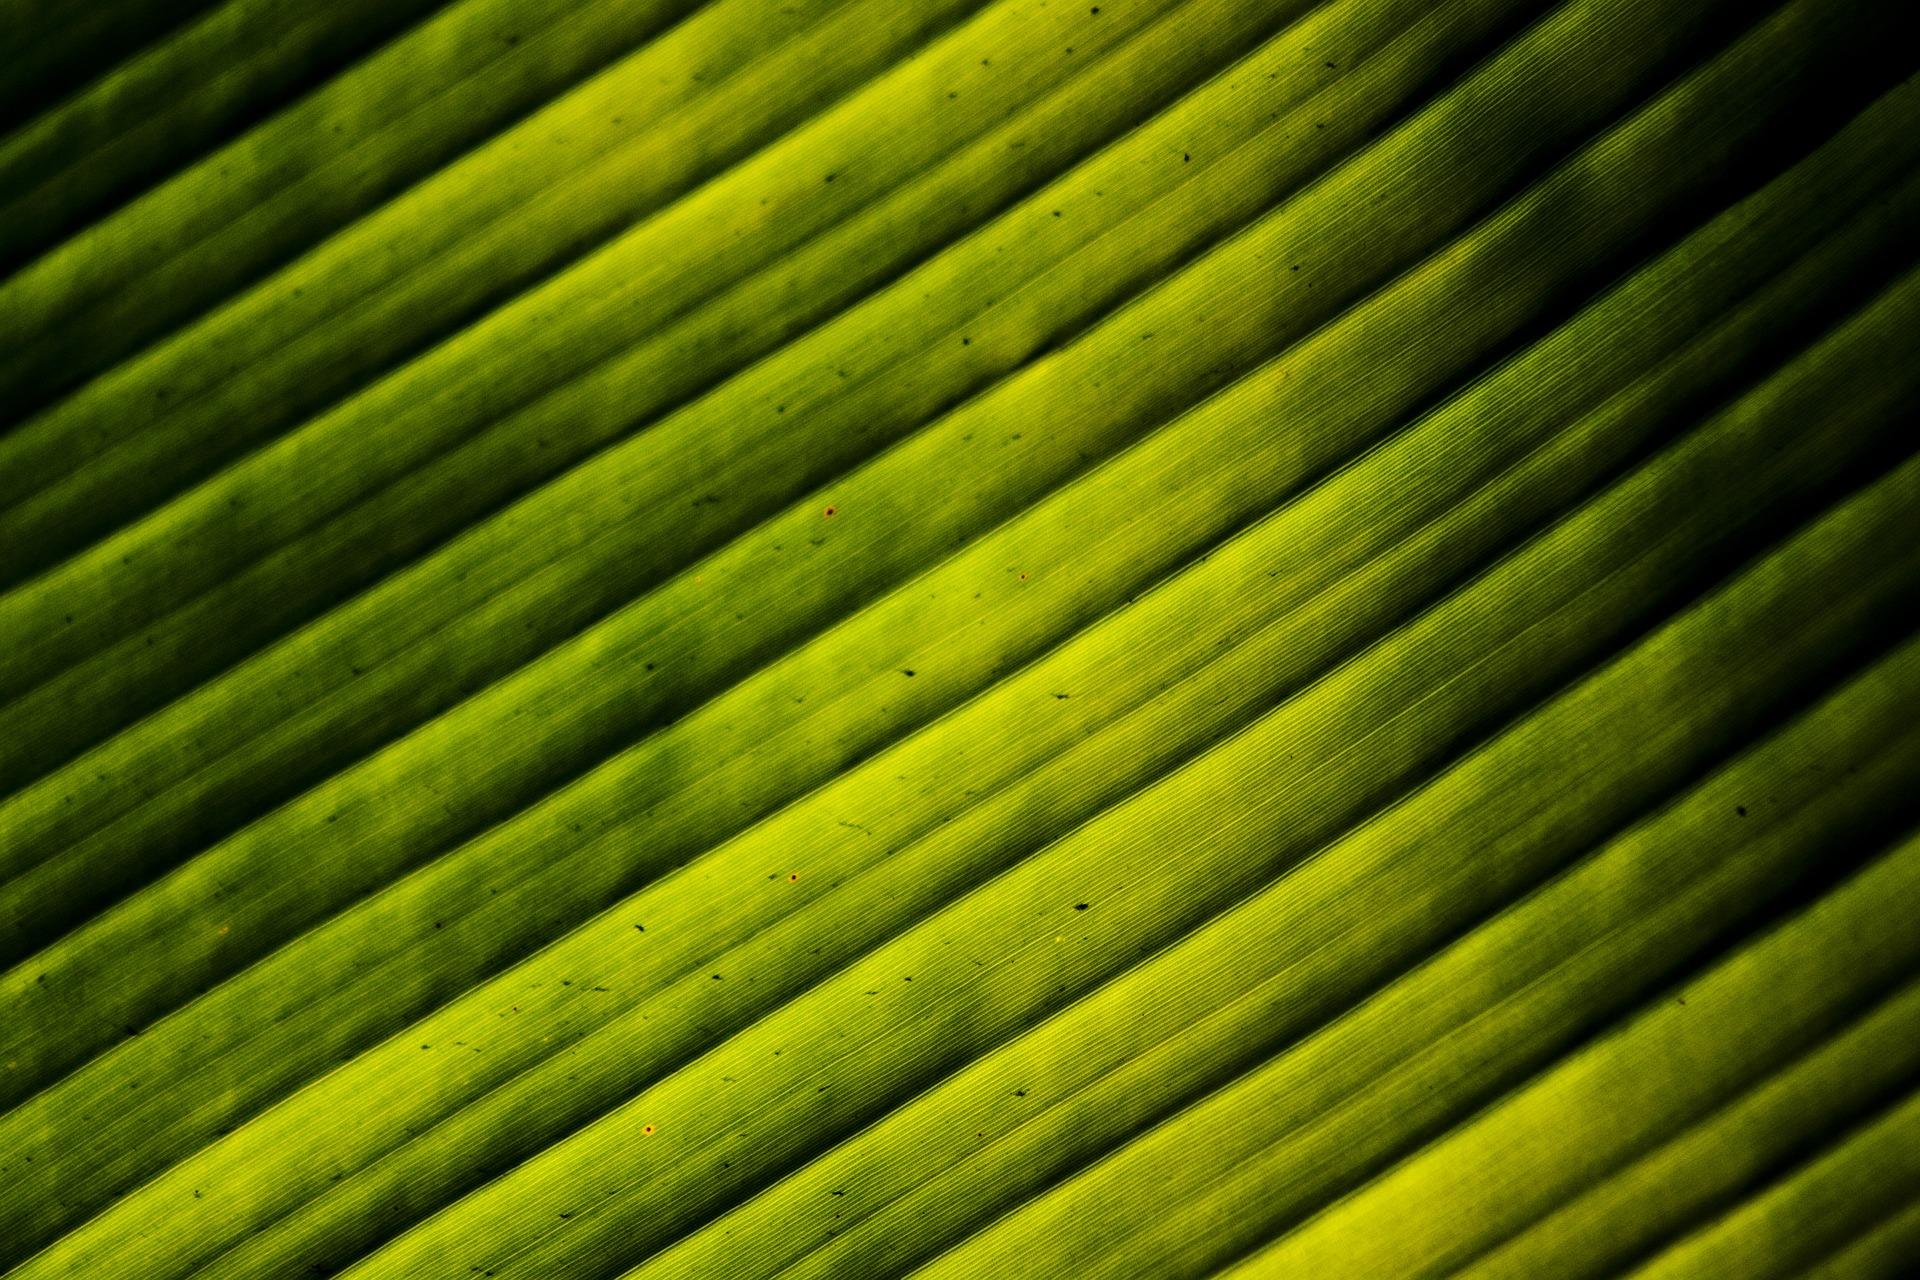 leaves-1862855_1920